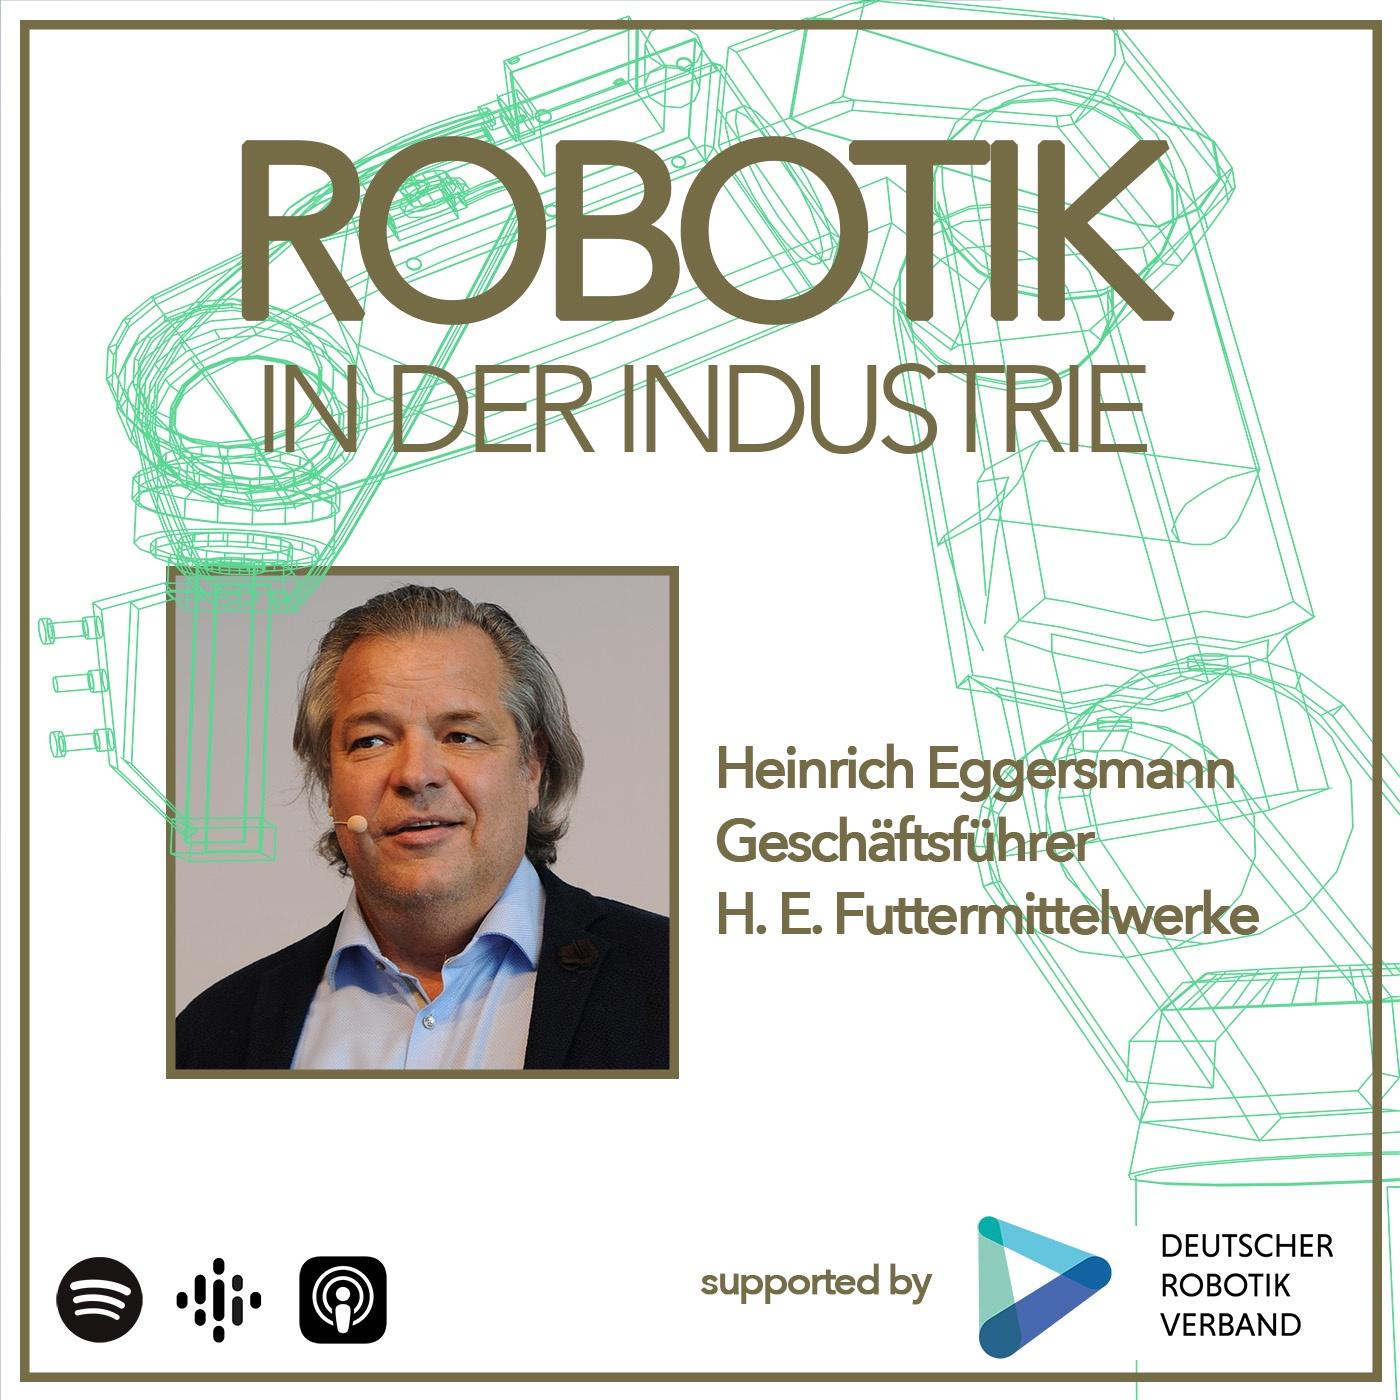 Der Müller und die Robotik - Sprachprobleme und ein Happy End